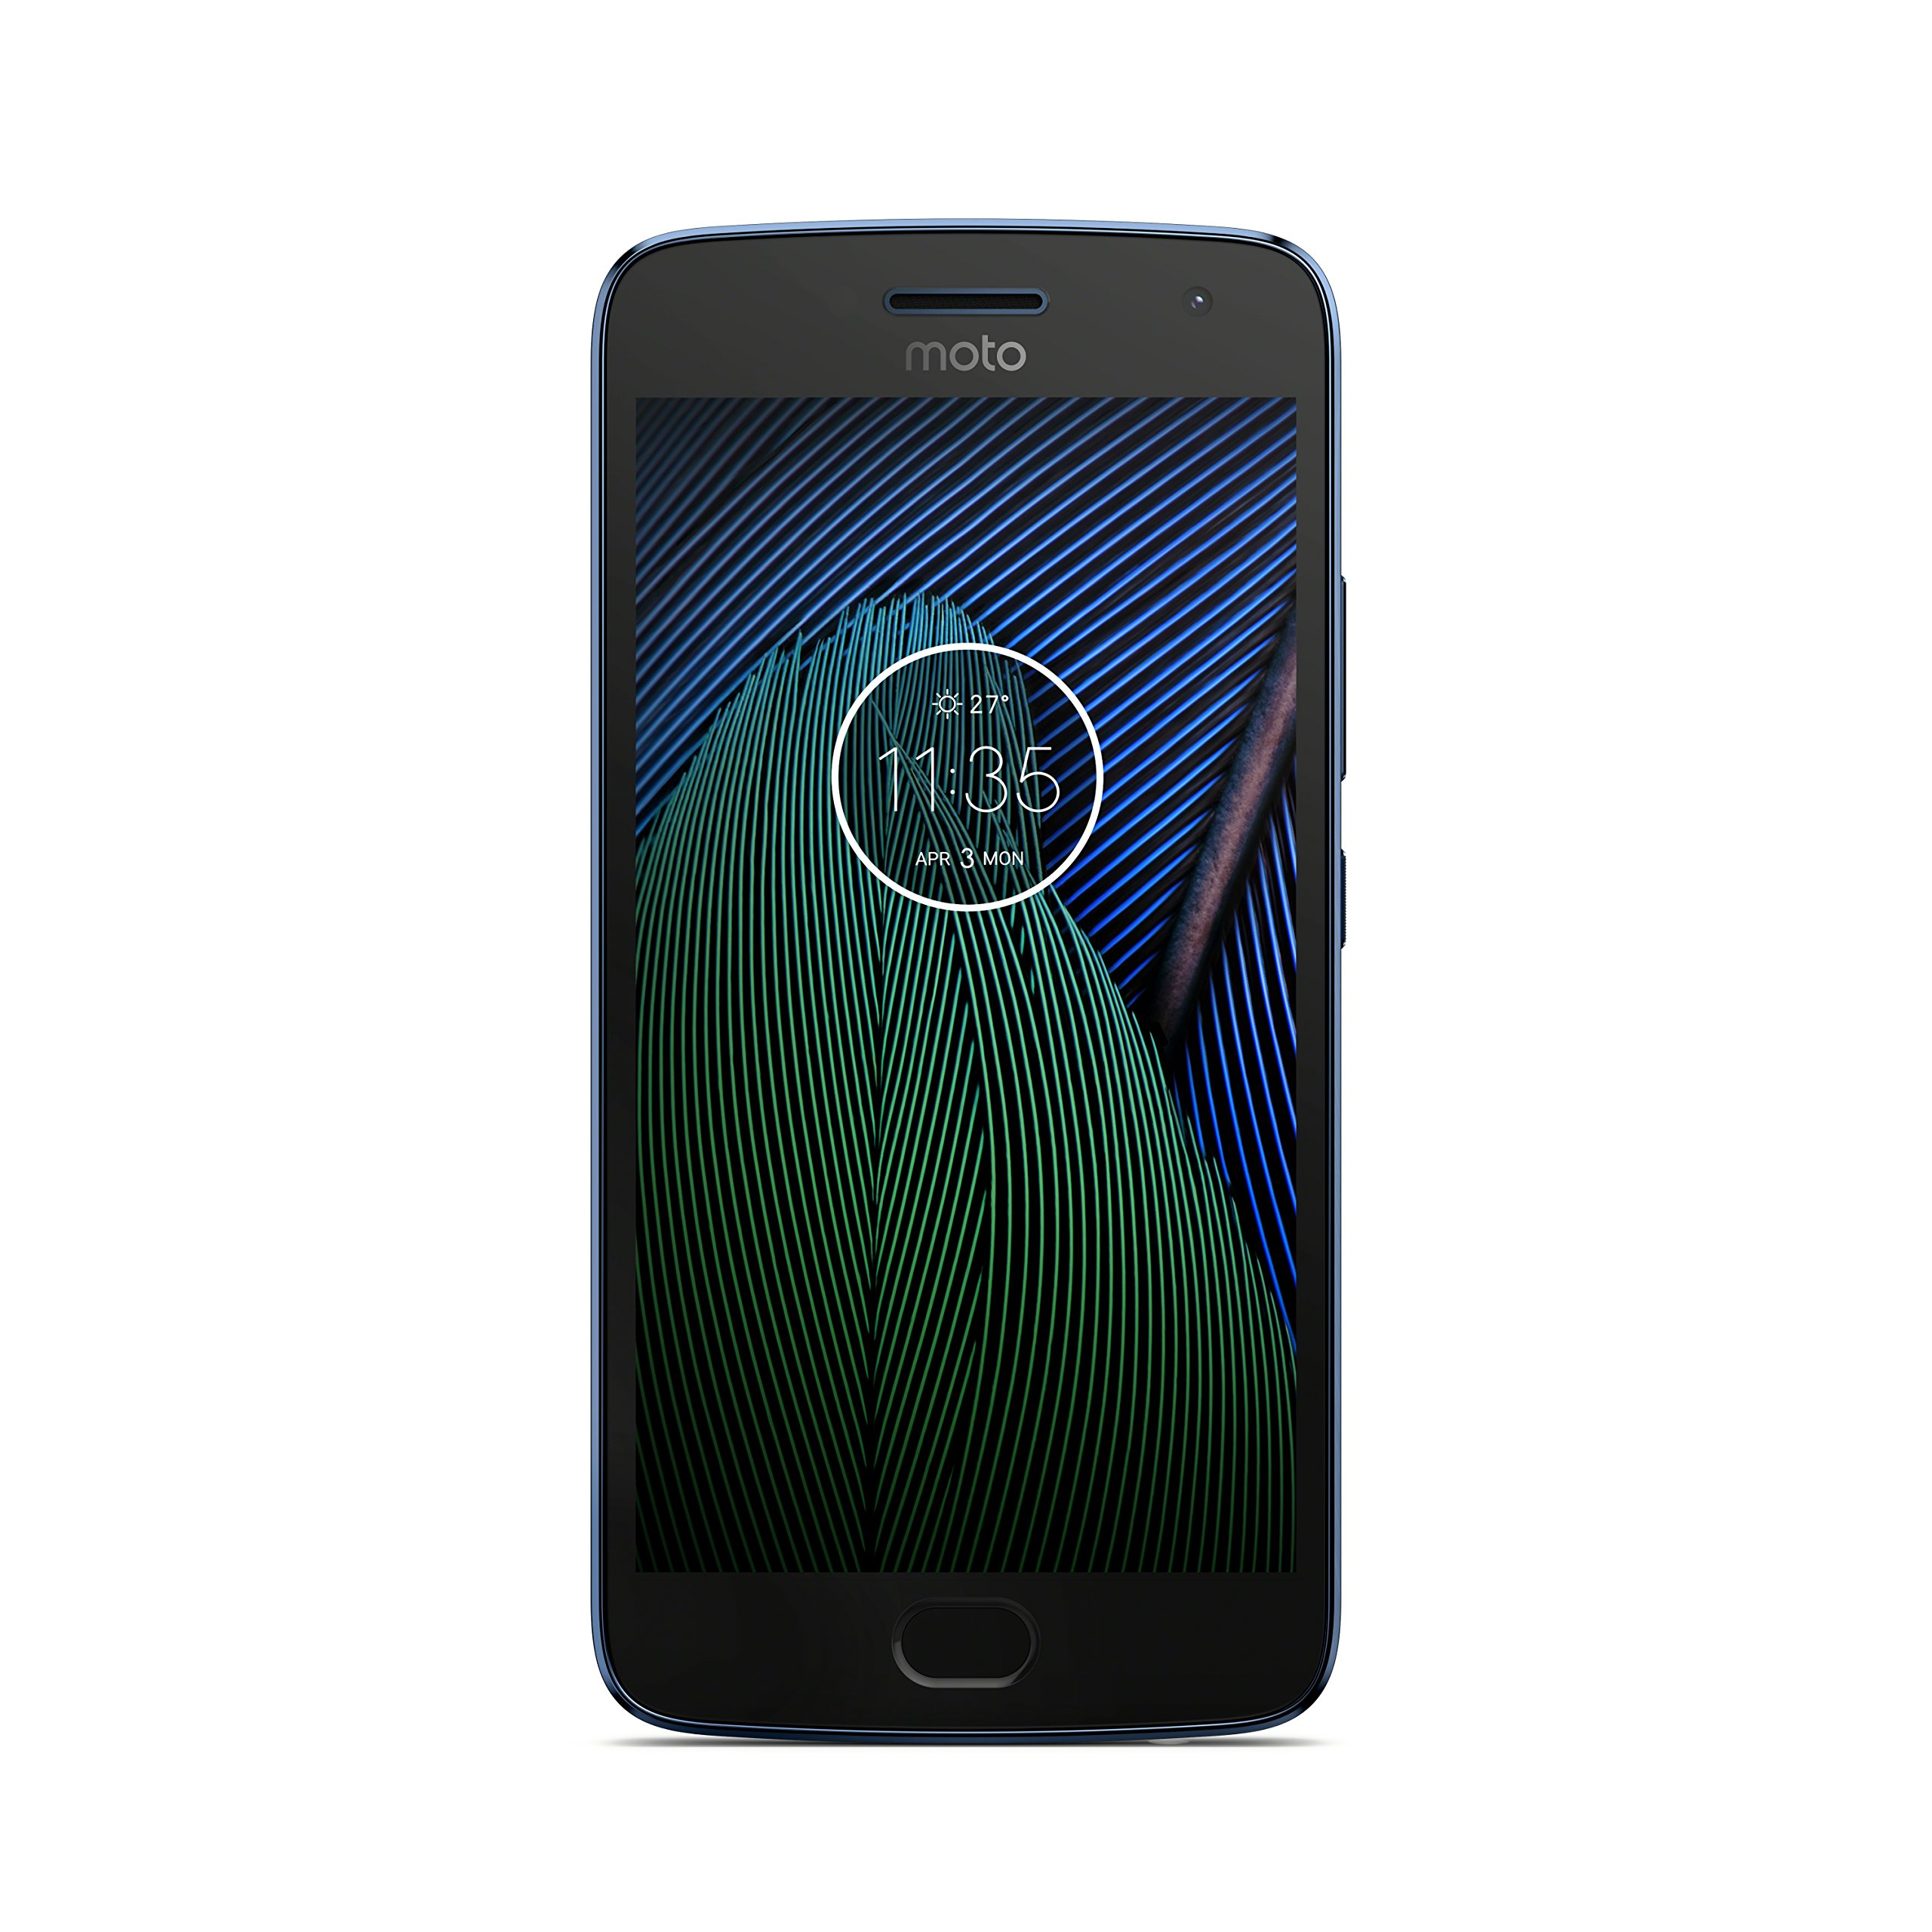 モトローラ SIM フリー スマートフォン  Moto G5 Plus 32GB オックスフォードブルー 国内正規代理店品 AP3824AE3J4